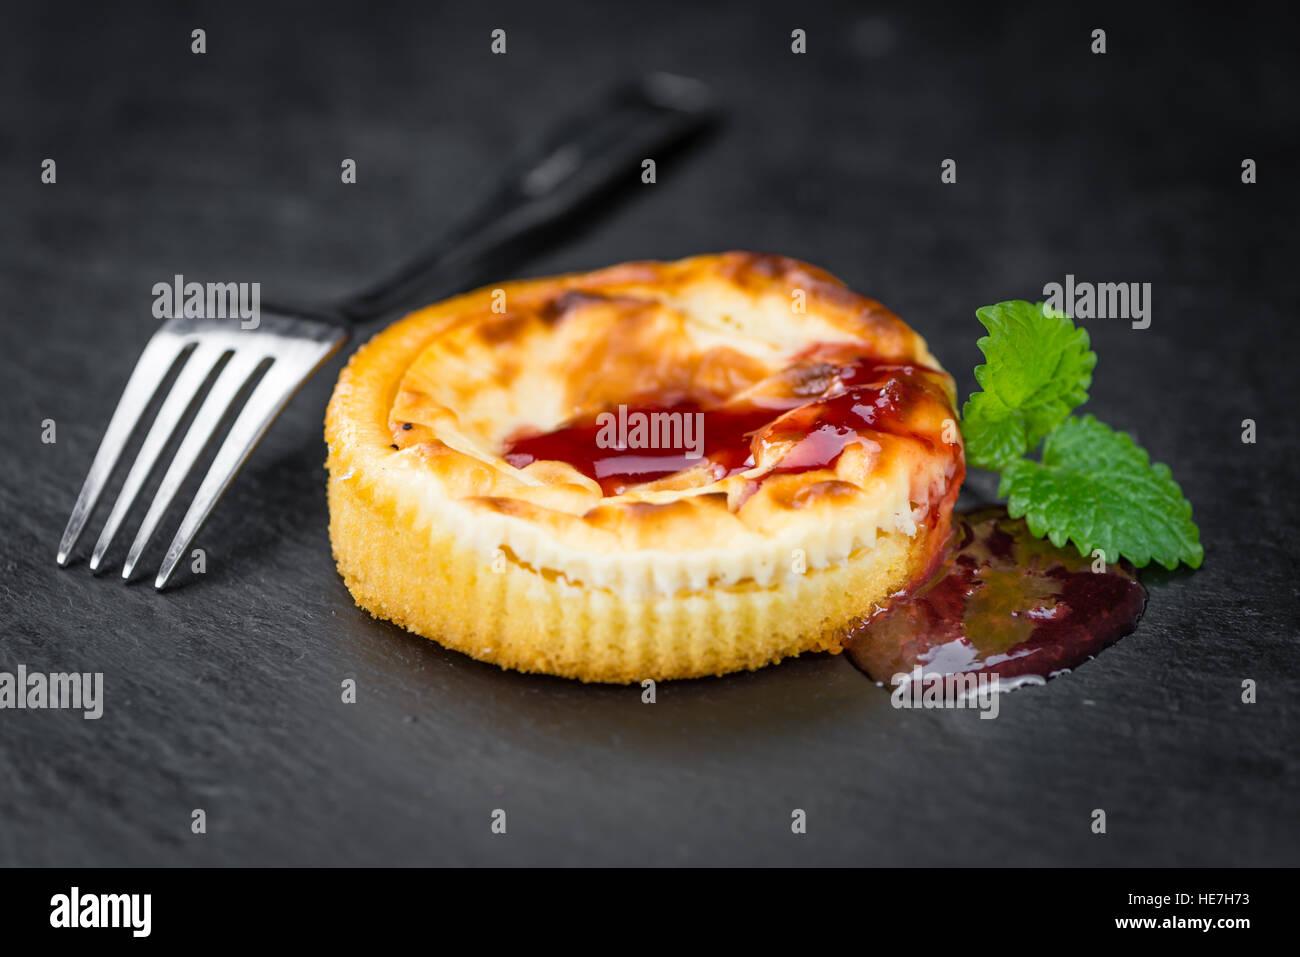 Frisch gemacht Mini-Käsekuchen (mit Soße) auf eine Vintage-Hintergrund (close-up erschossen) Stockbild